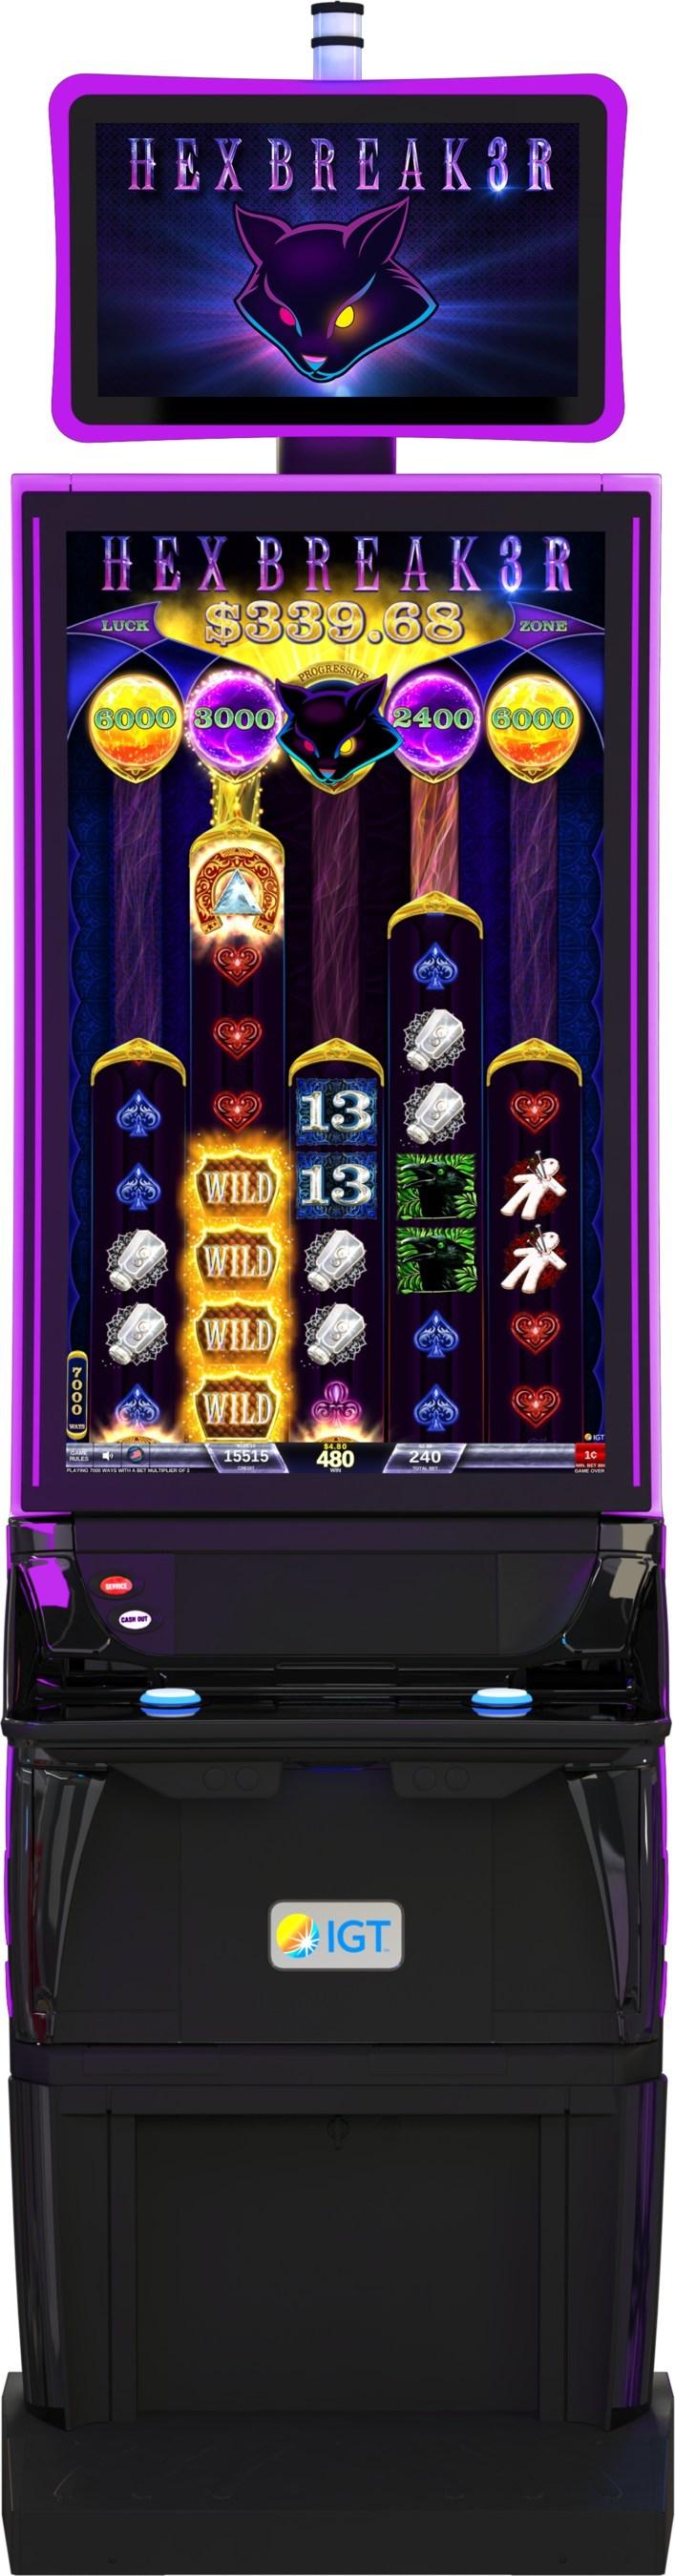 Play hexbreaker slot machine doom 2 game trailer